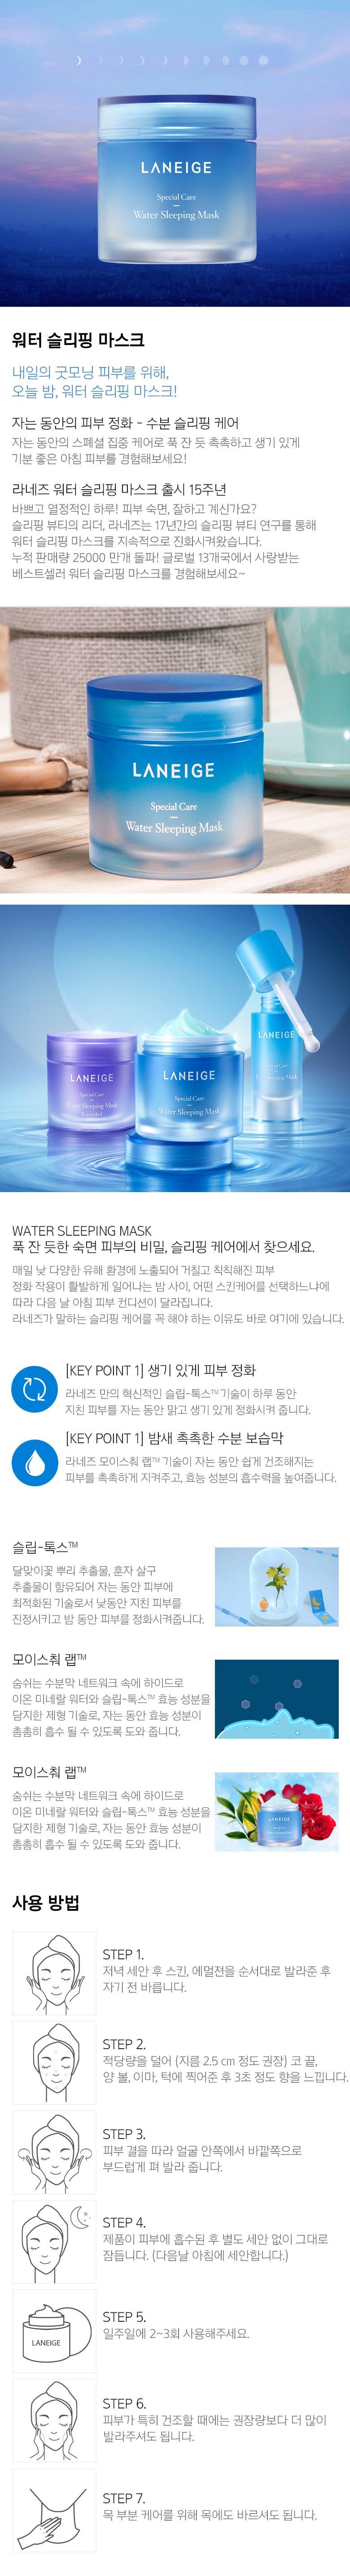 라네즈 워터 슬리핑 마스크 25ml (소용량)